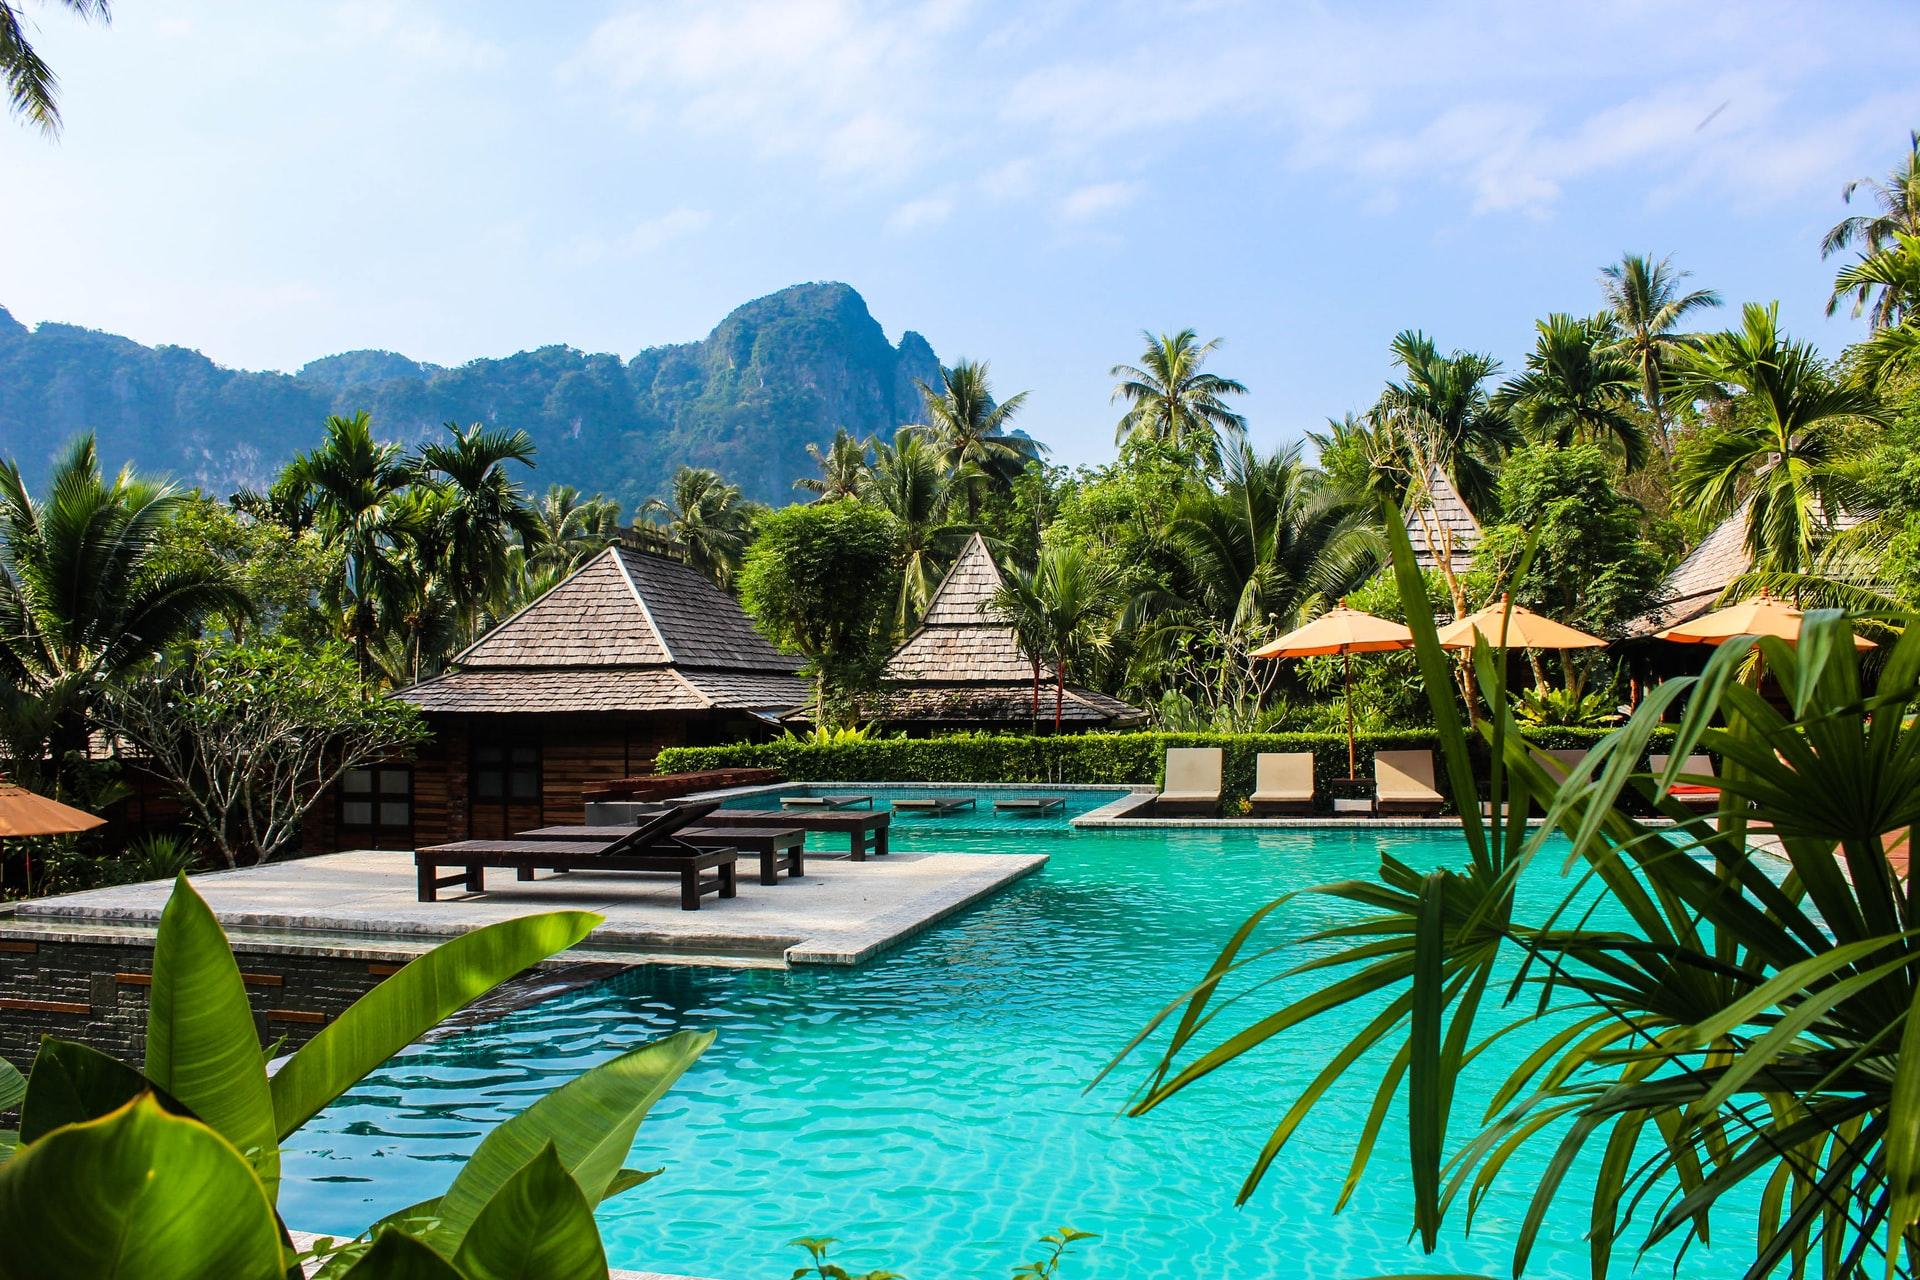 15 10 Best Marriott Resorts for Your Honeymoon   Marriott Honeymoon